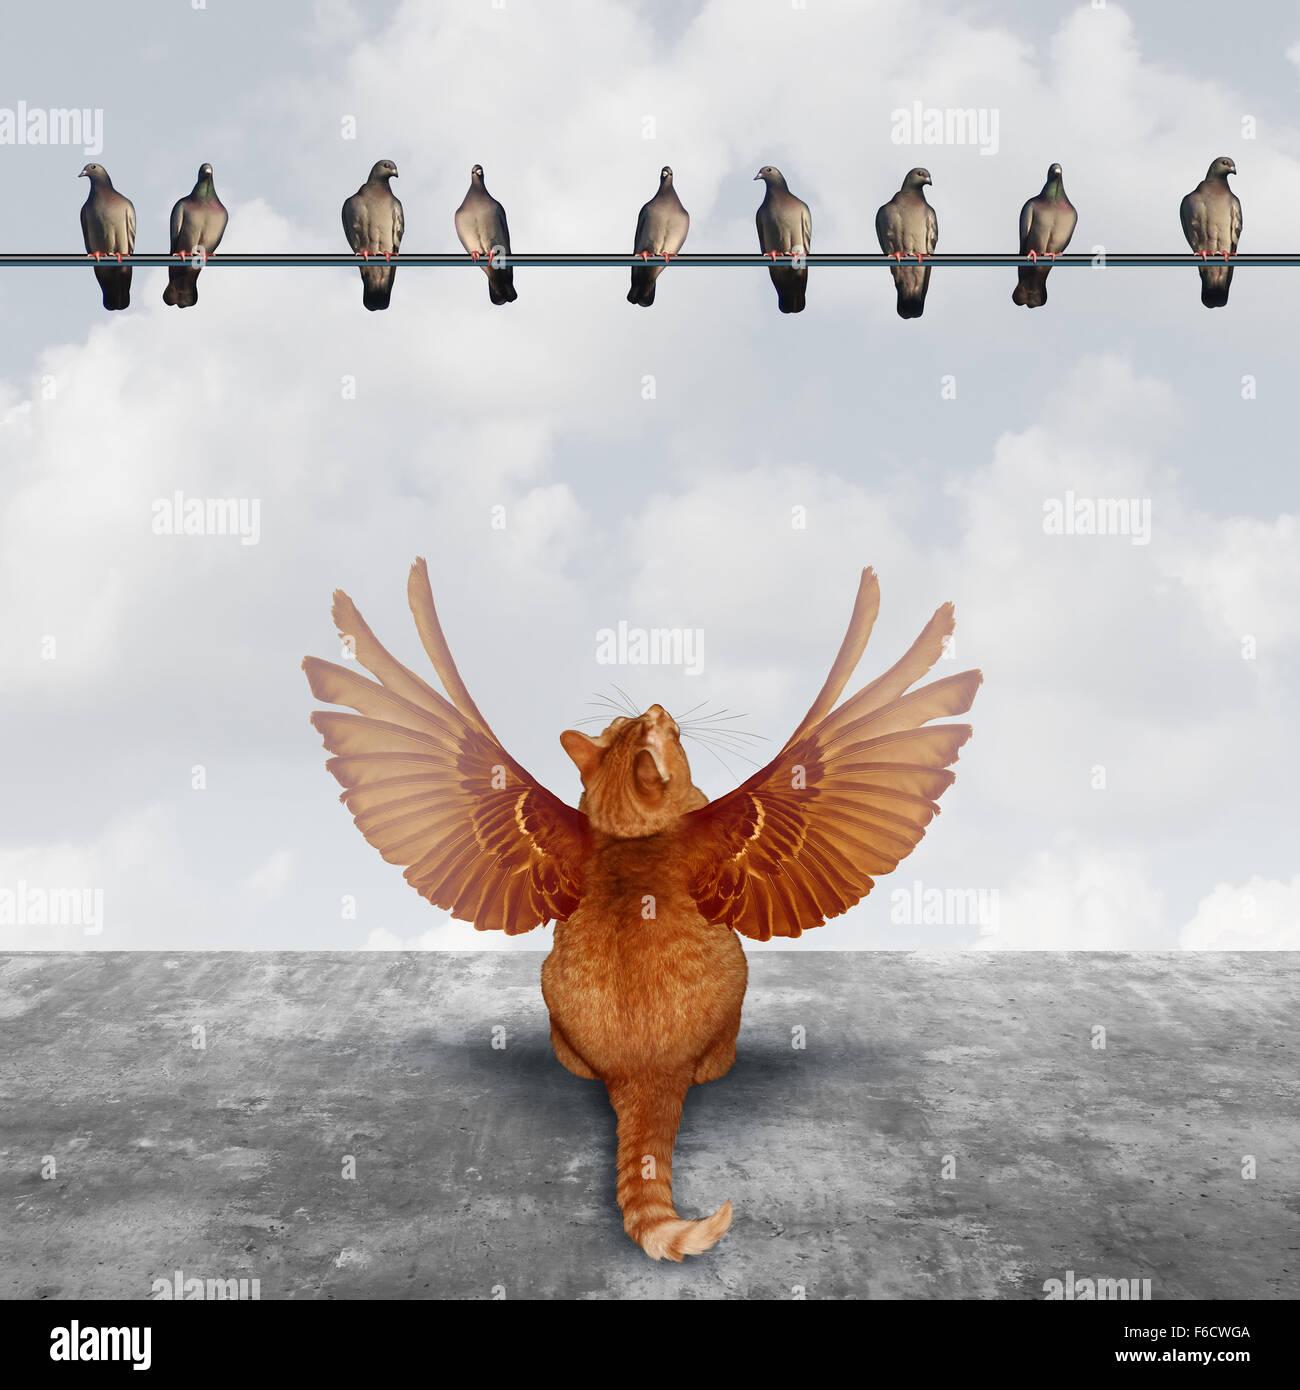 La motivazione e il concetto di fantasia come un ambizioso cat con ali immaginaria cercando fino in corrispondenza Immagini Stock